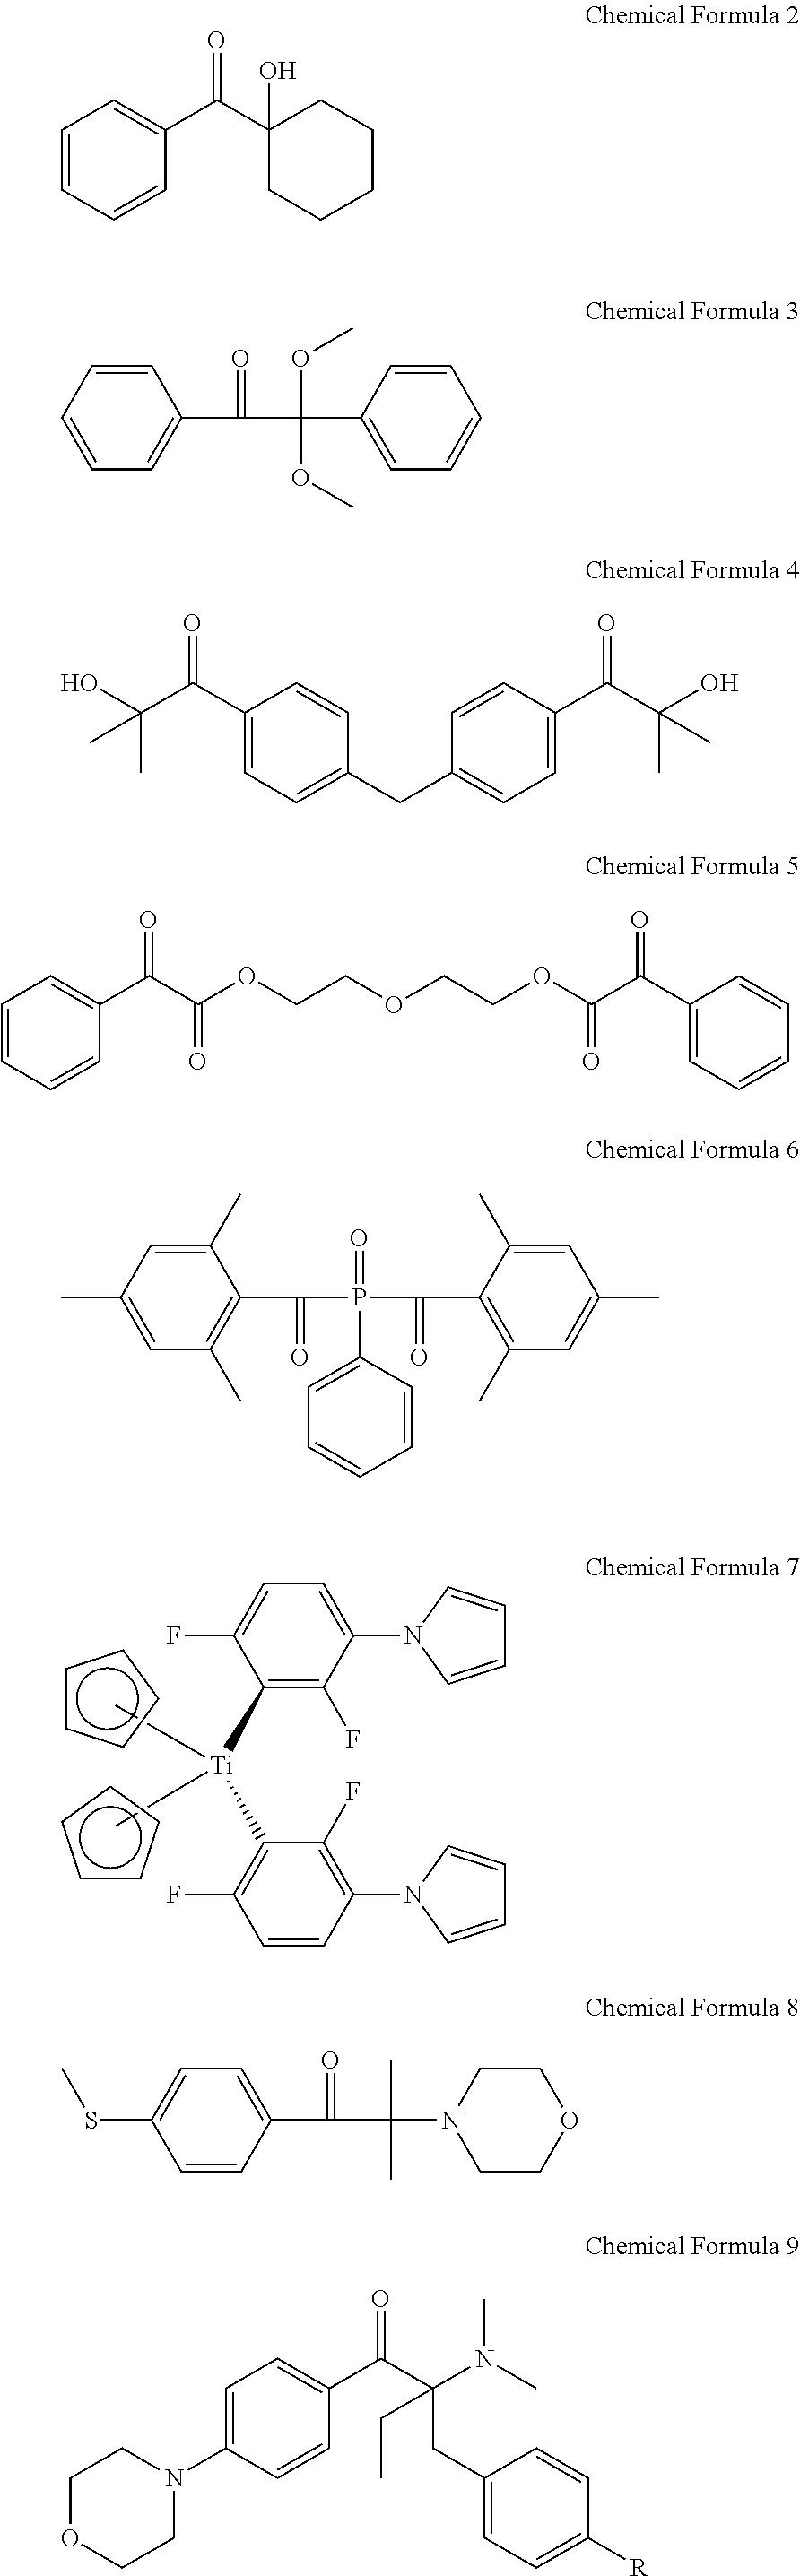 Figure US20110032465A1-20110210-C00004